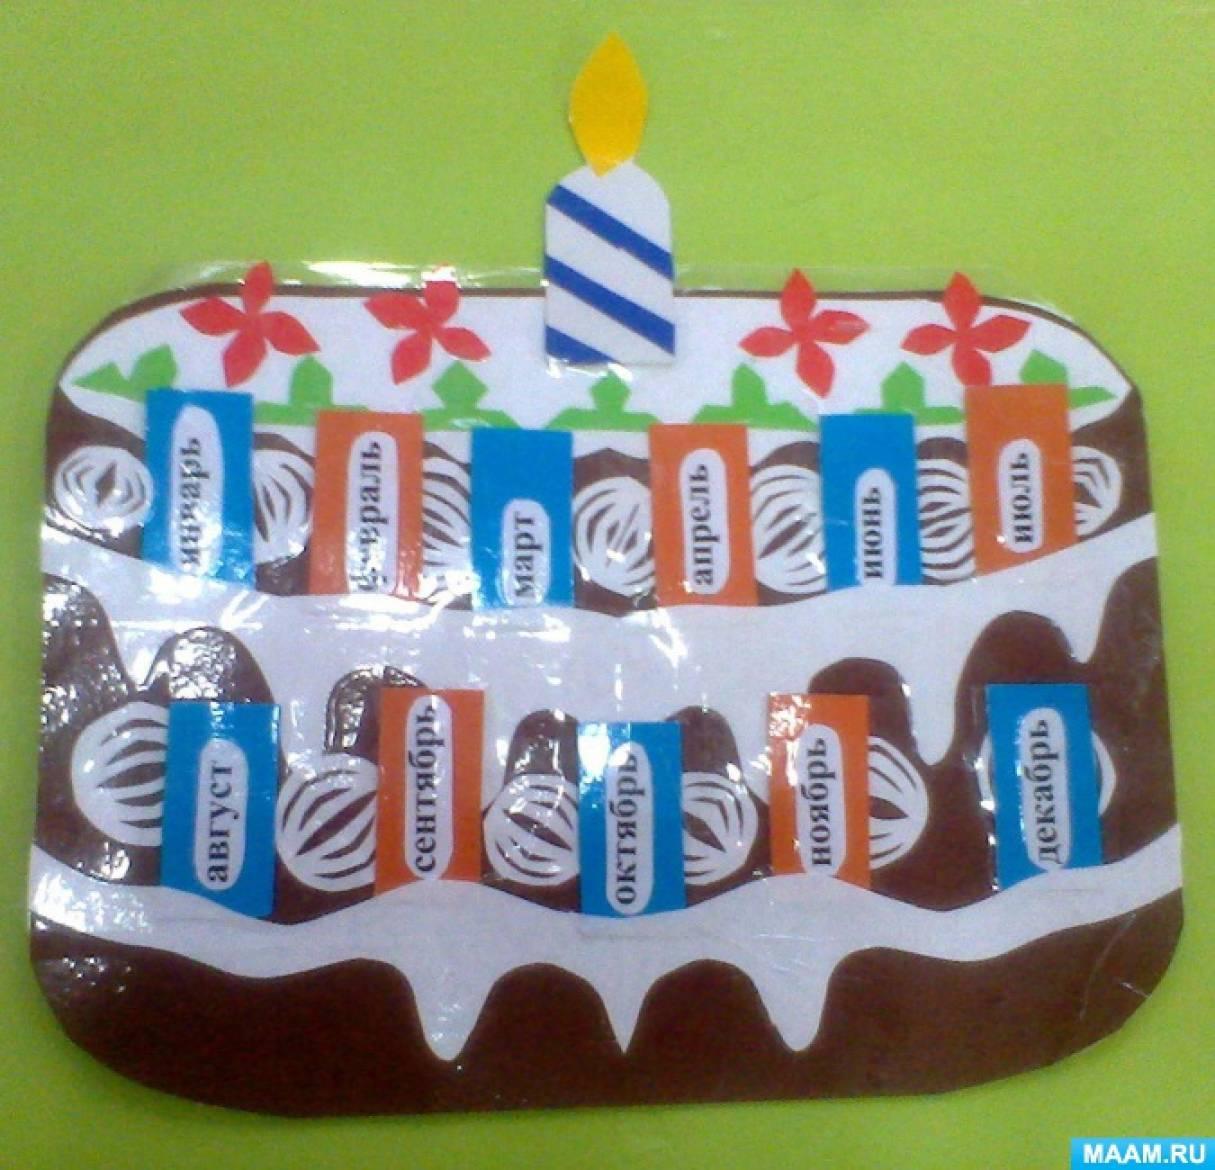 Фотоотчёт «Атрибуты для празднования Дня рождения»